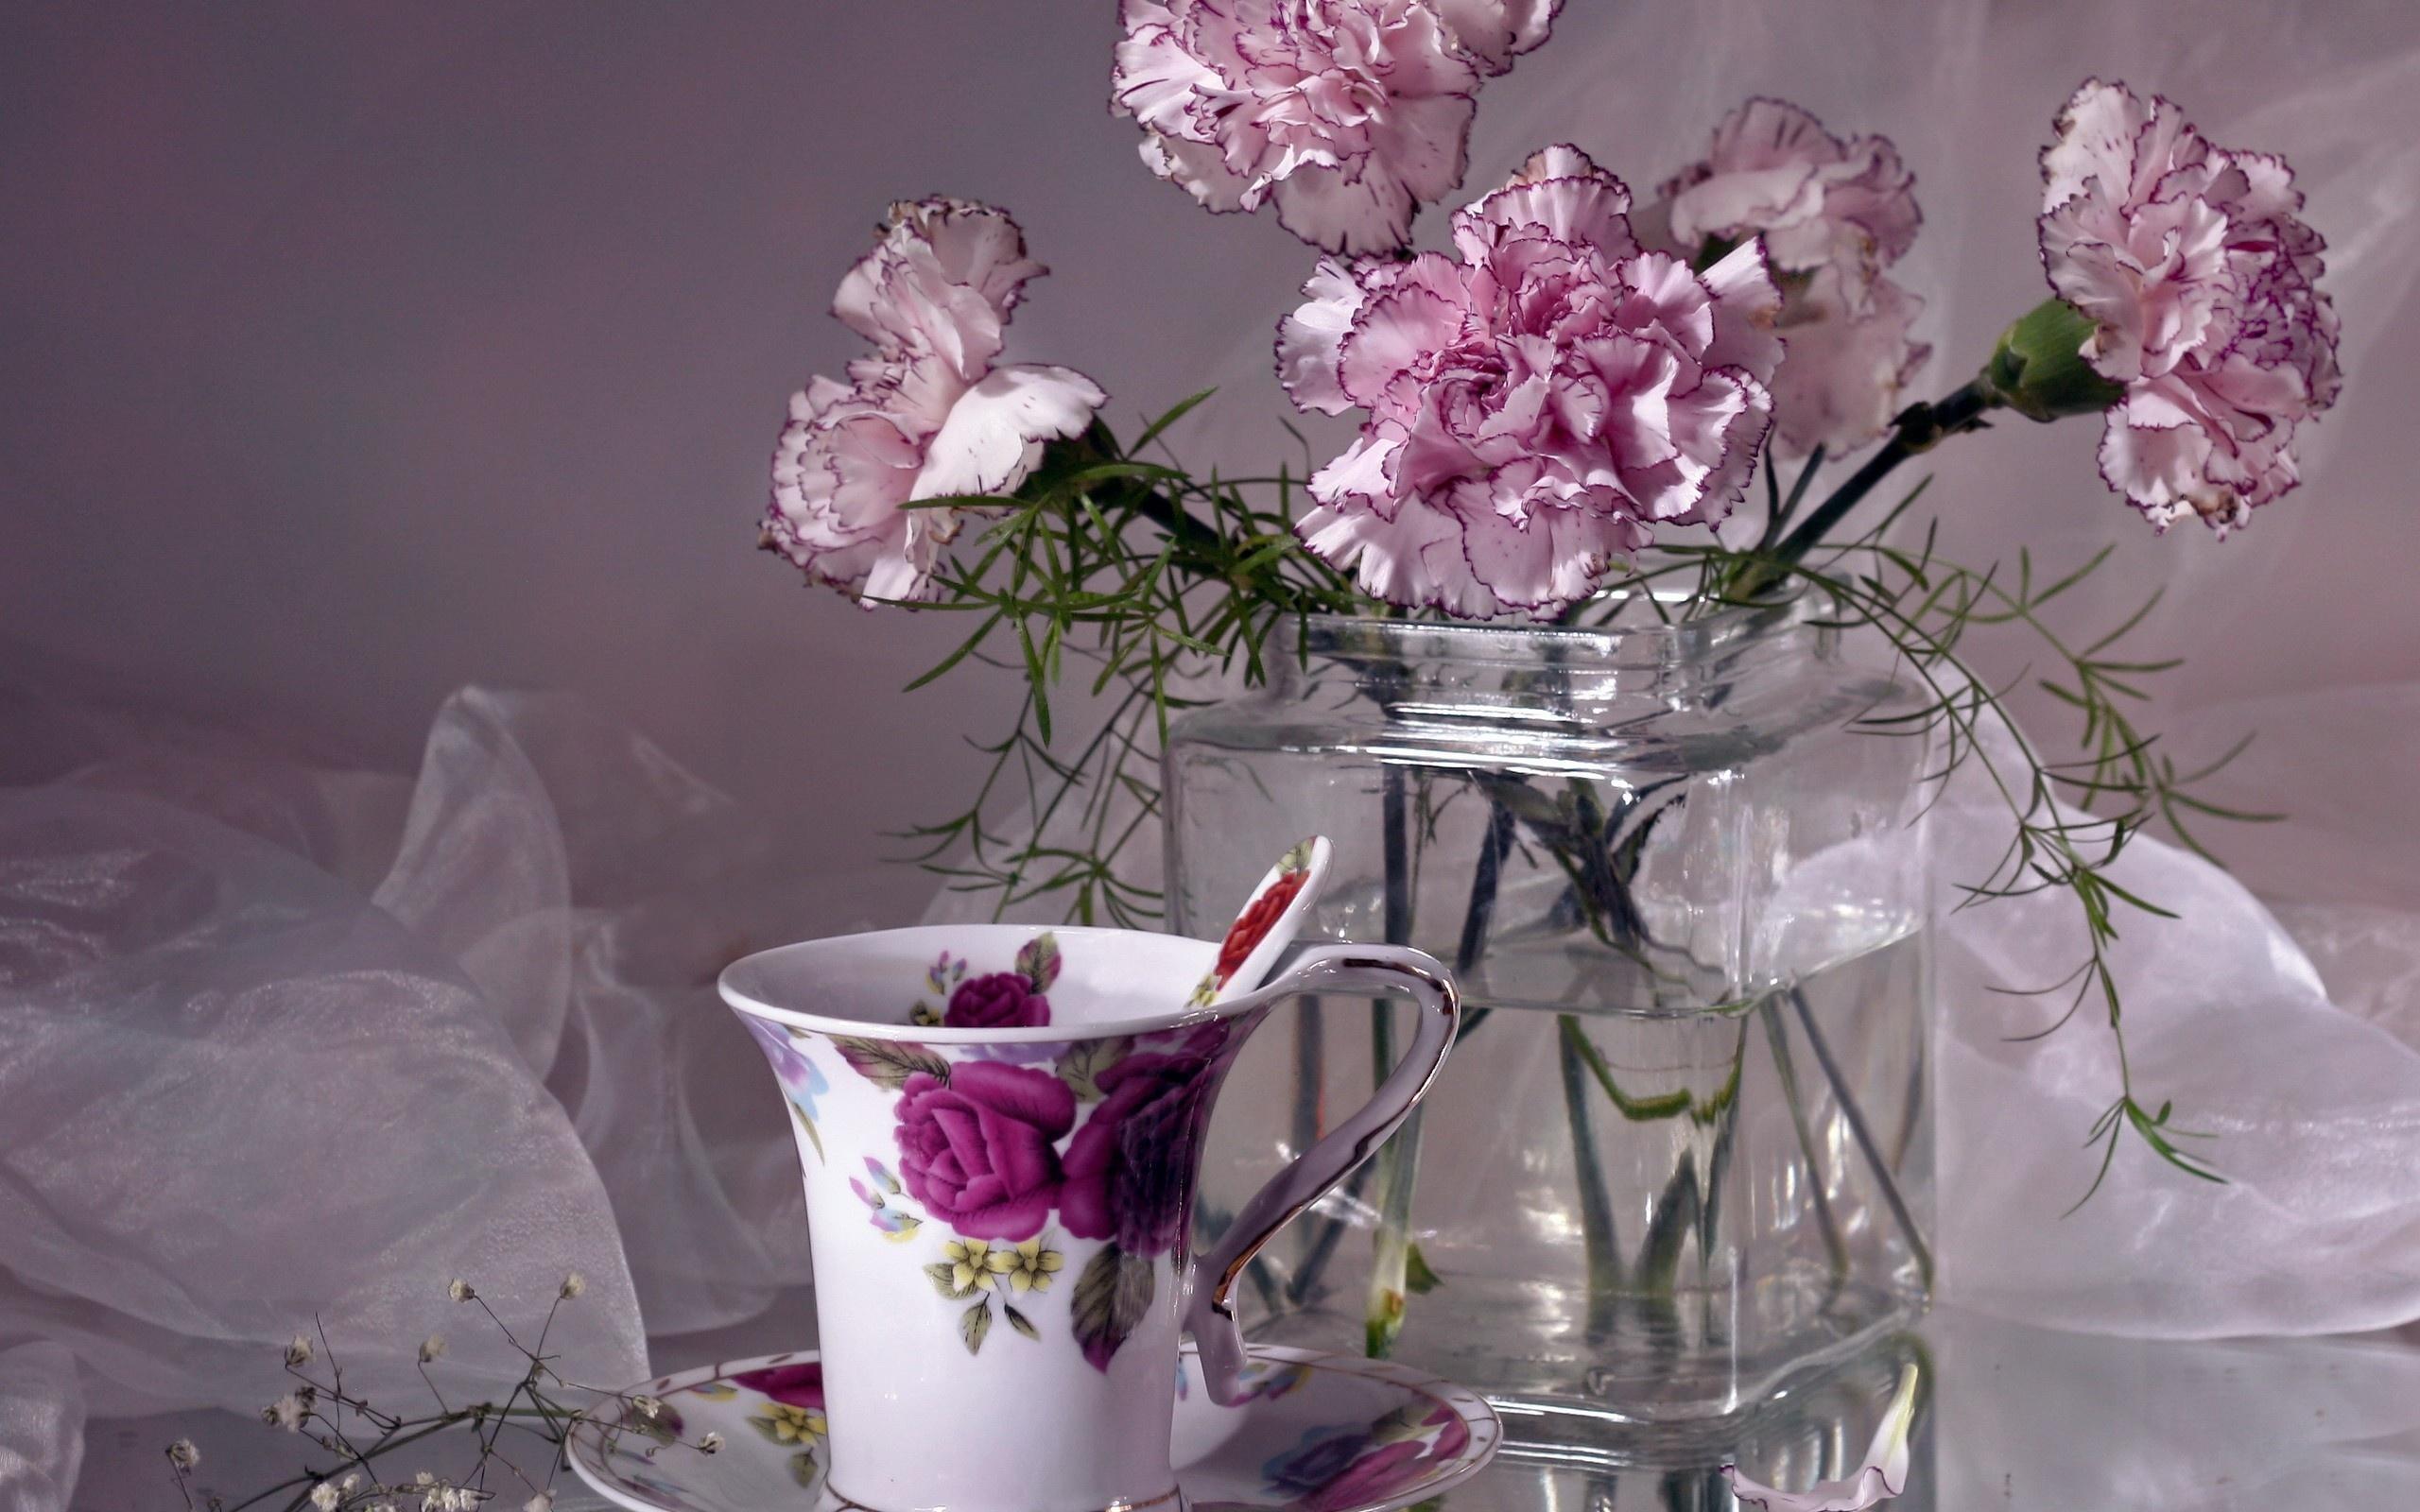 цветочки в вазе бесплатно